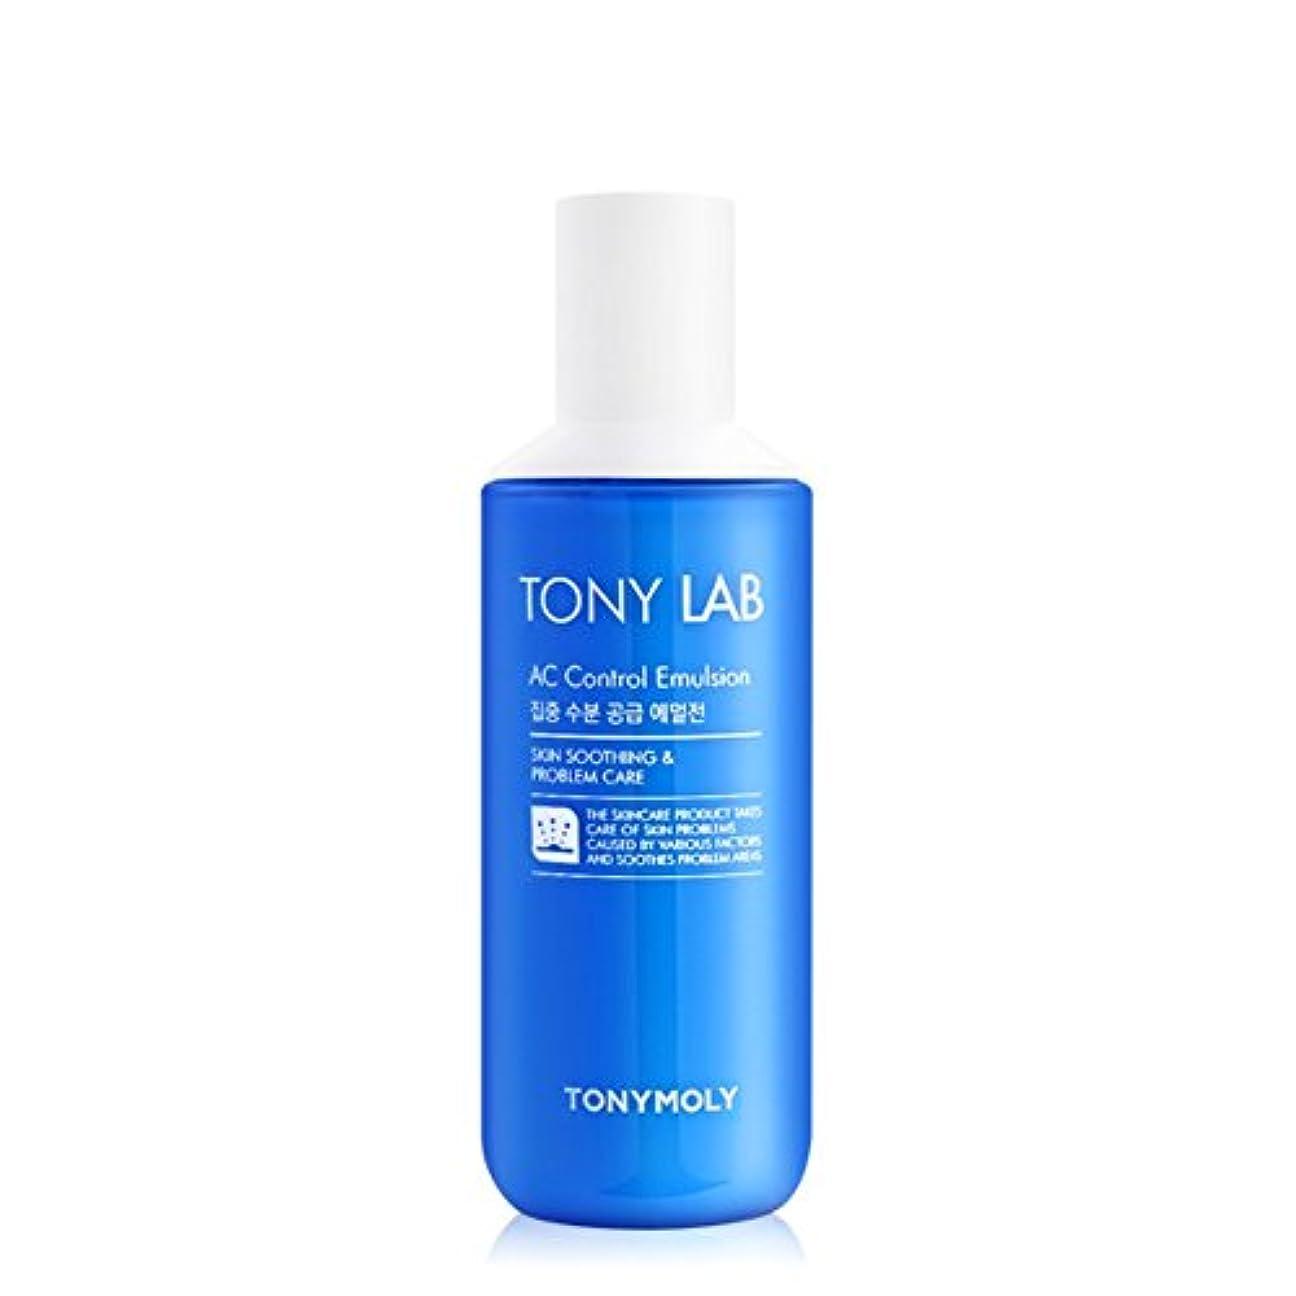 原子炉補助金病気[2016 New] TONYMOLY Tony Lab AC Control Emulsion 160ml/トニーモリー トニー ラボ AC コントロール エマルジョン 160ml [並行輸入品]